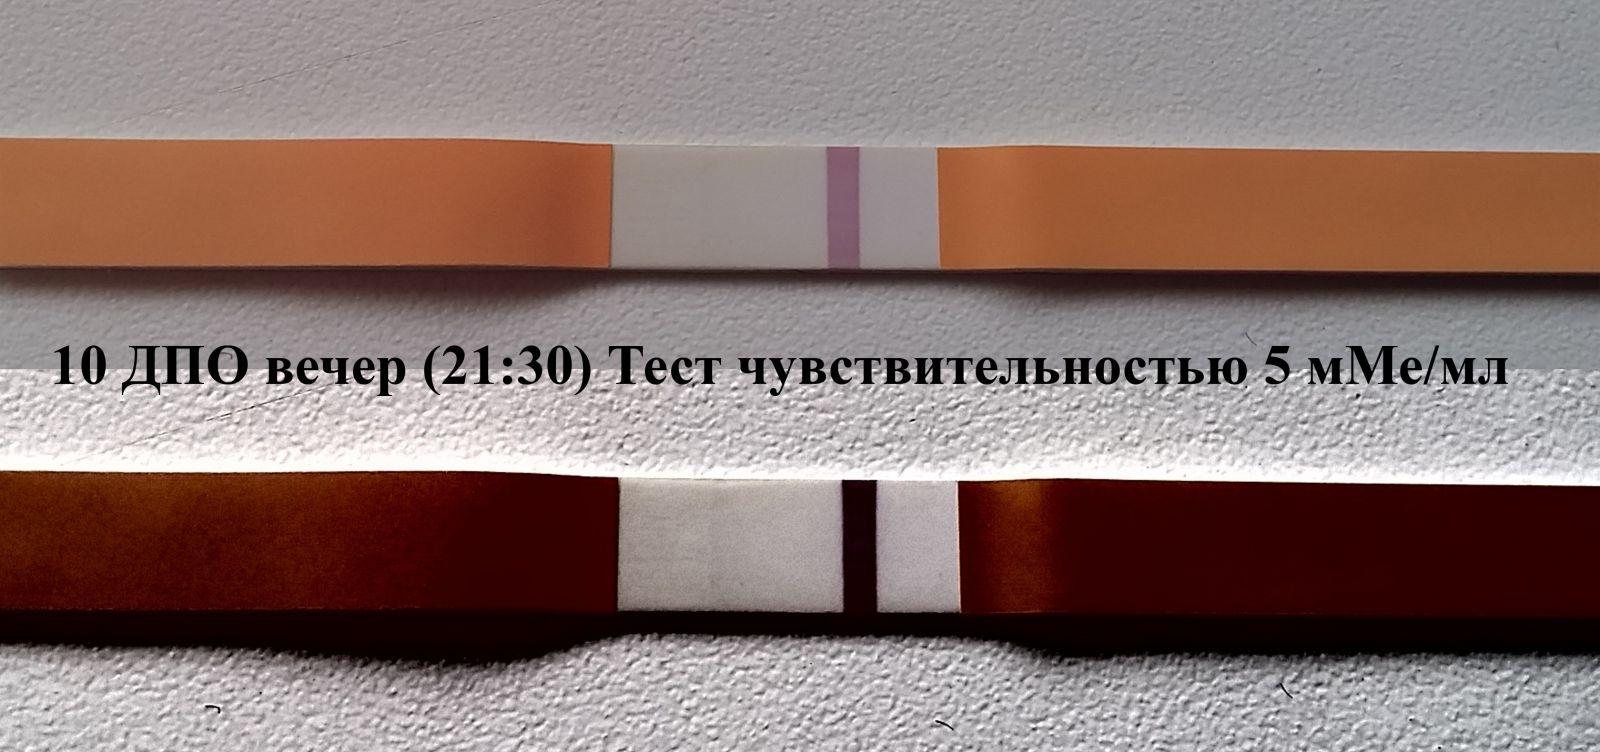 Тест на беременность чувствительность 10 мме